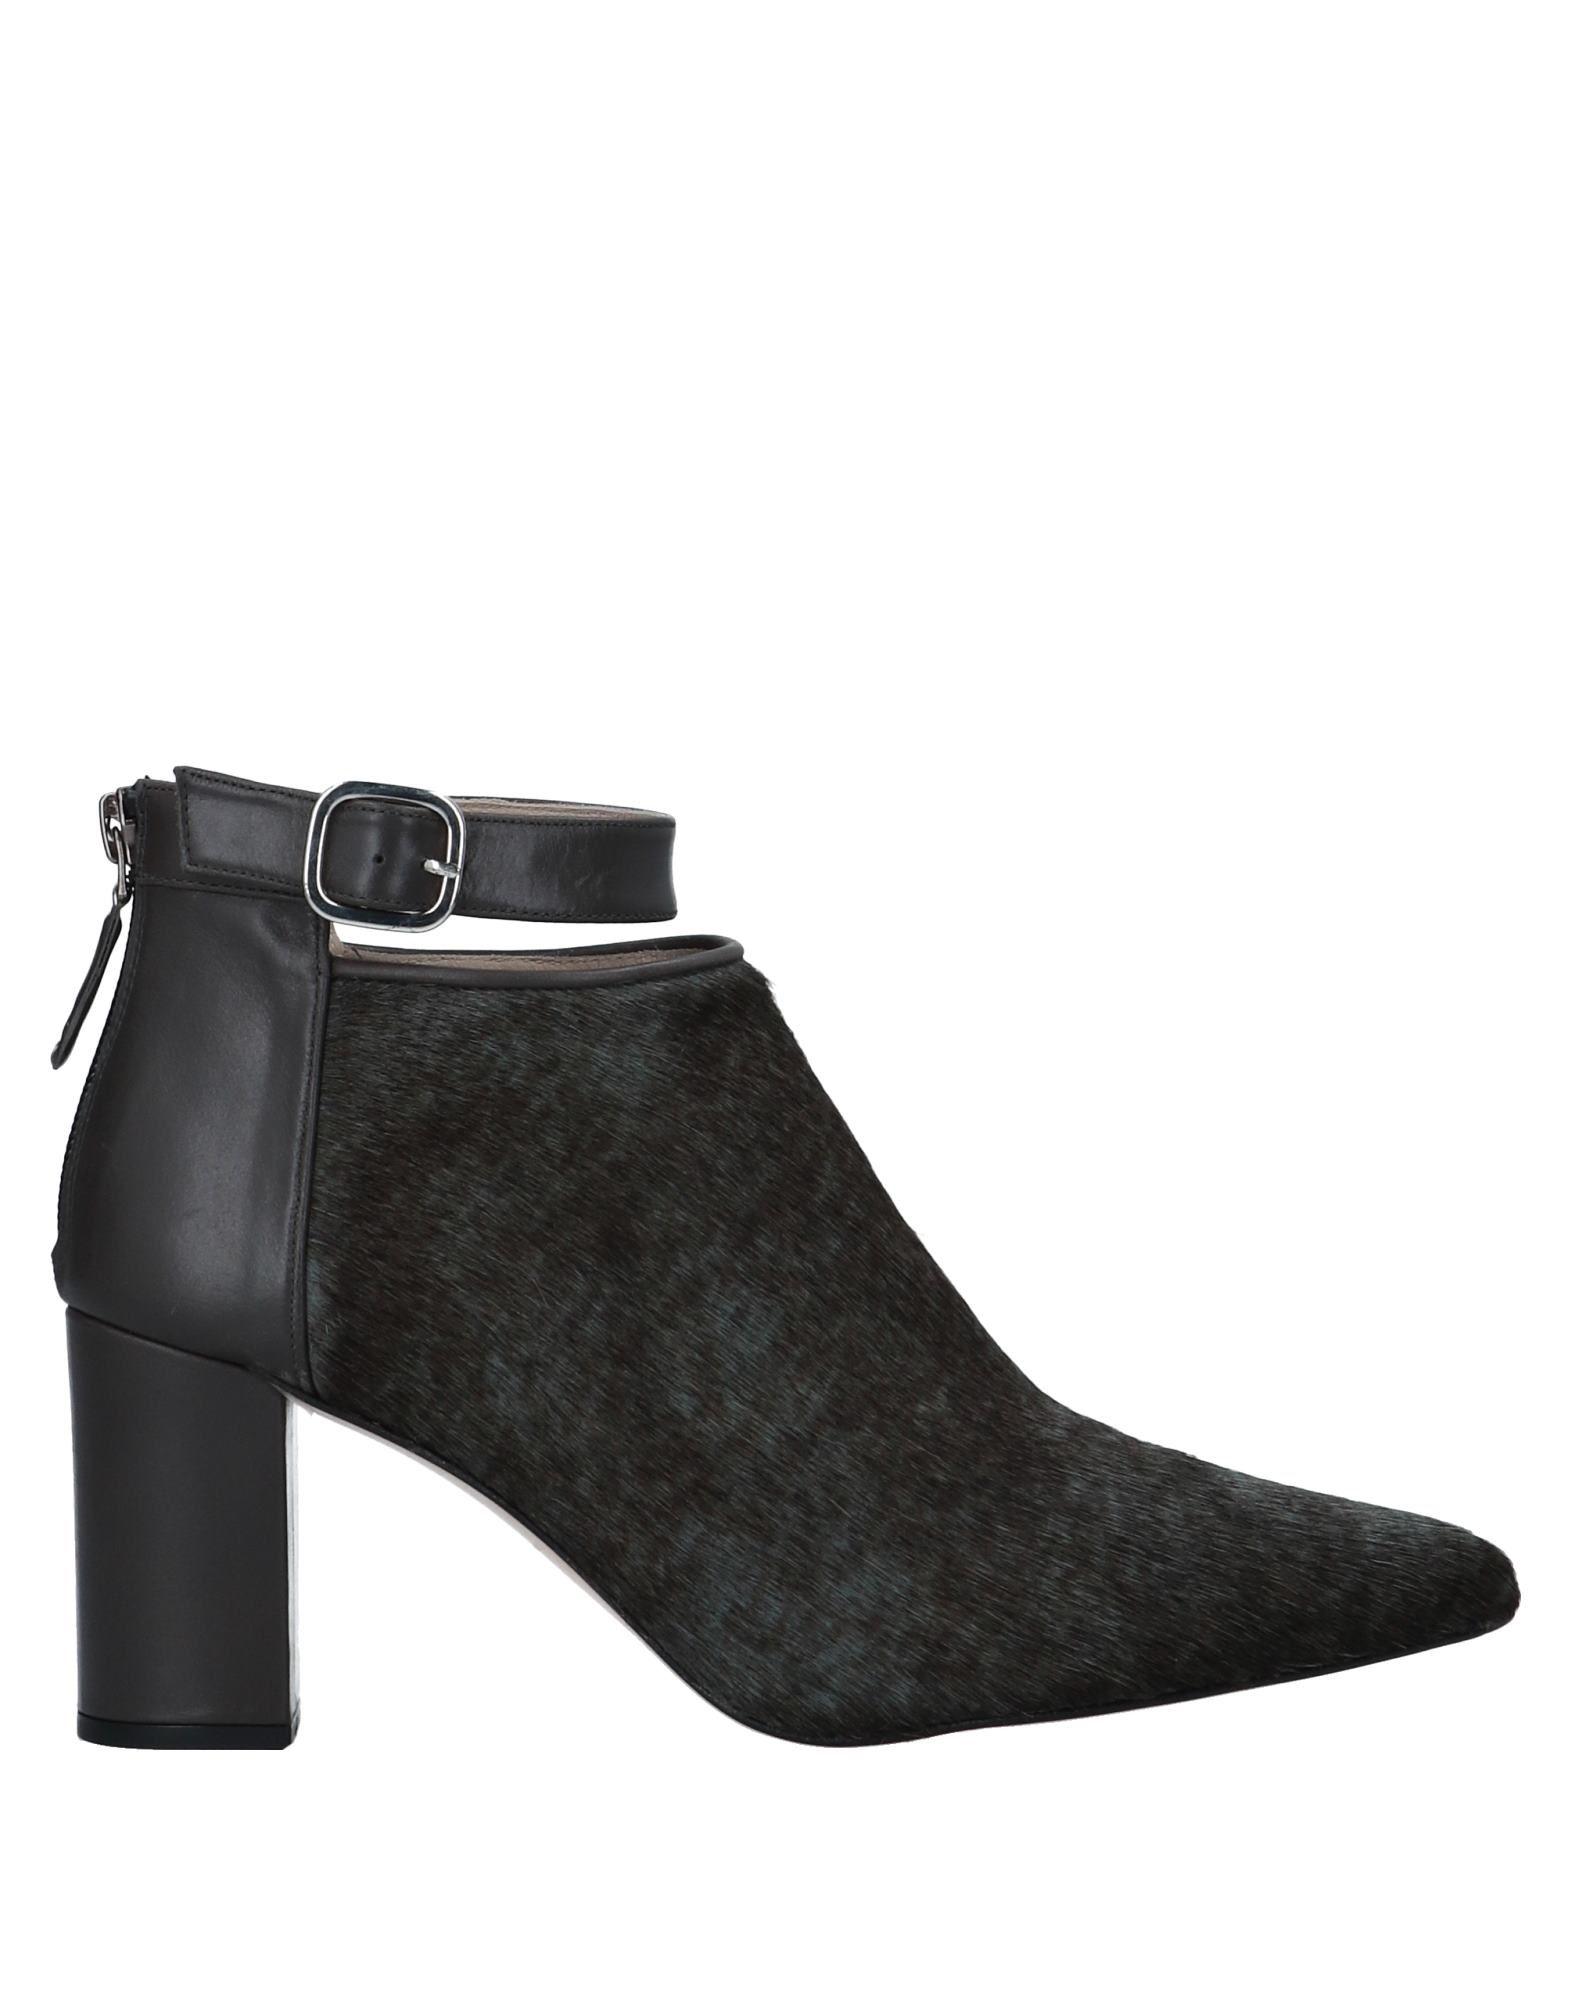 Hannibal Laguna Stiefelette Damen  11542082GM Gute Qualität beliebte Schuhe